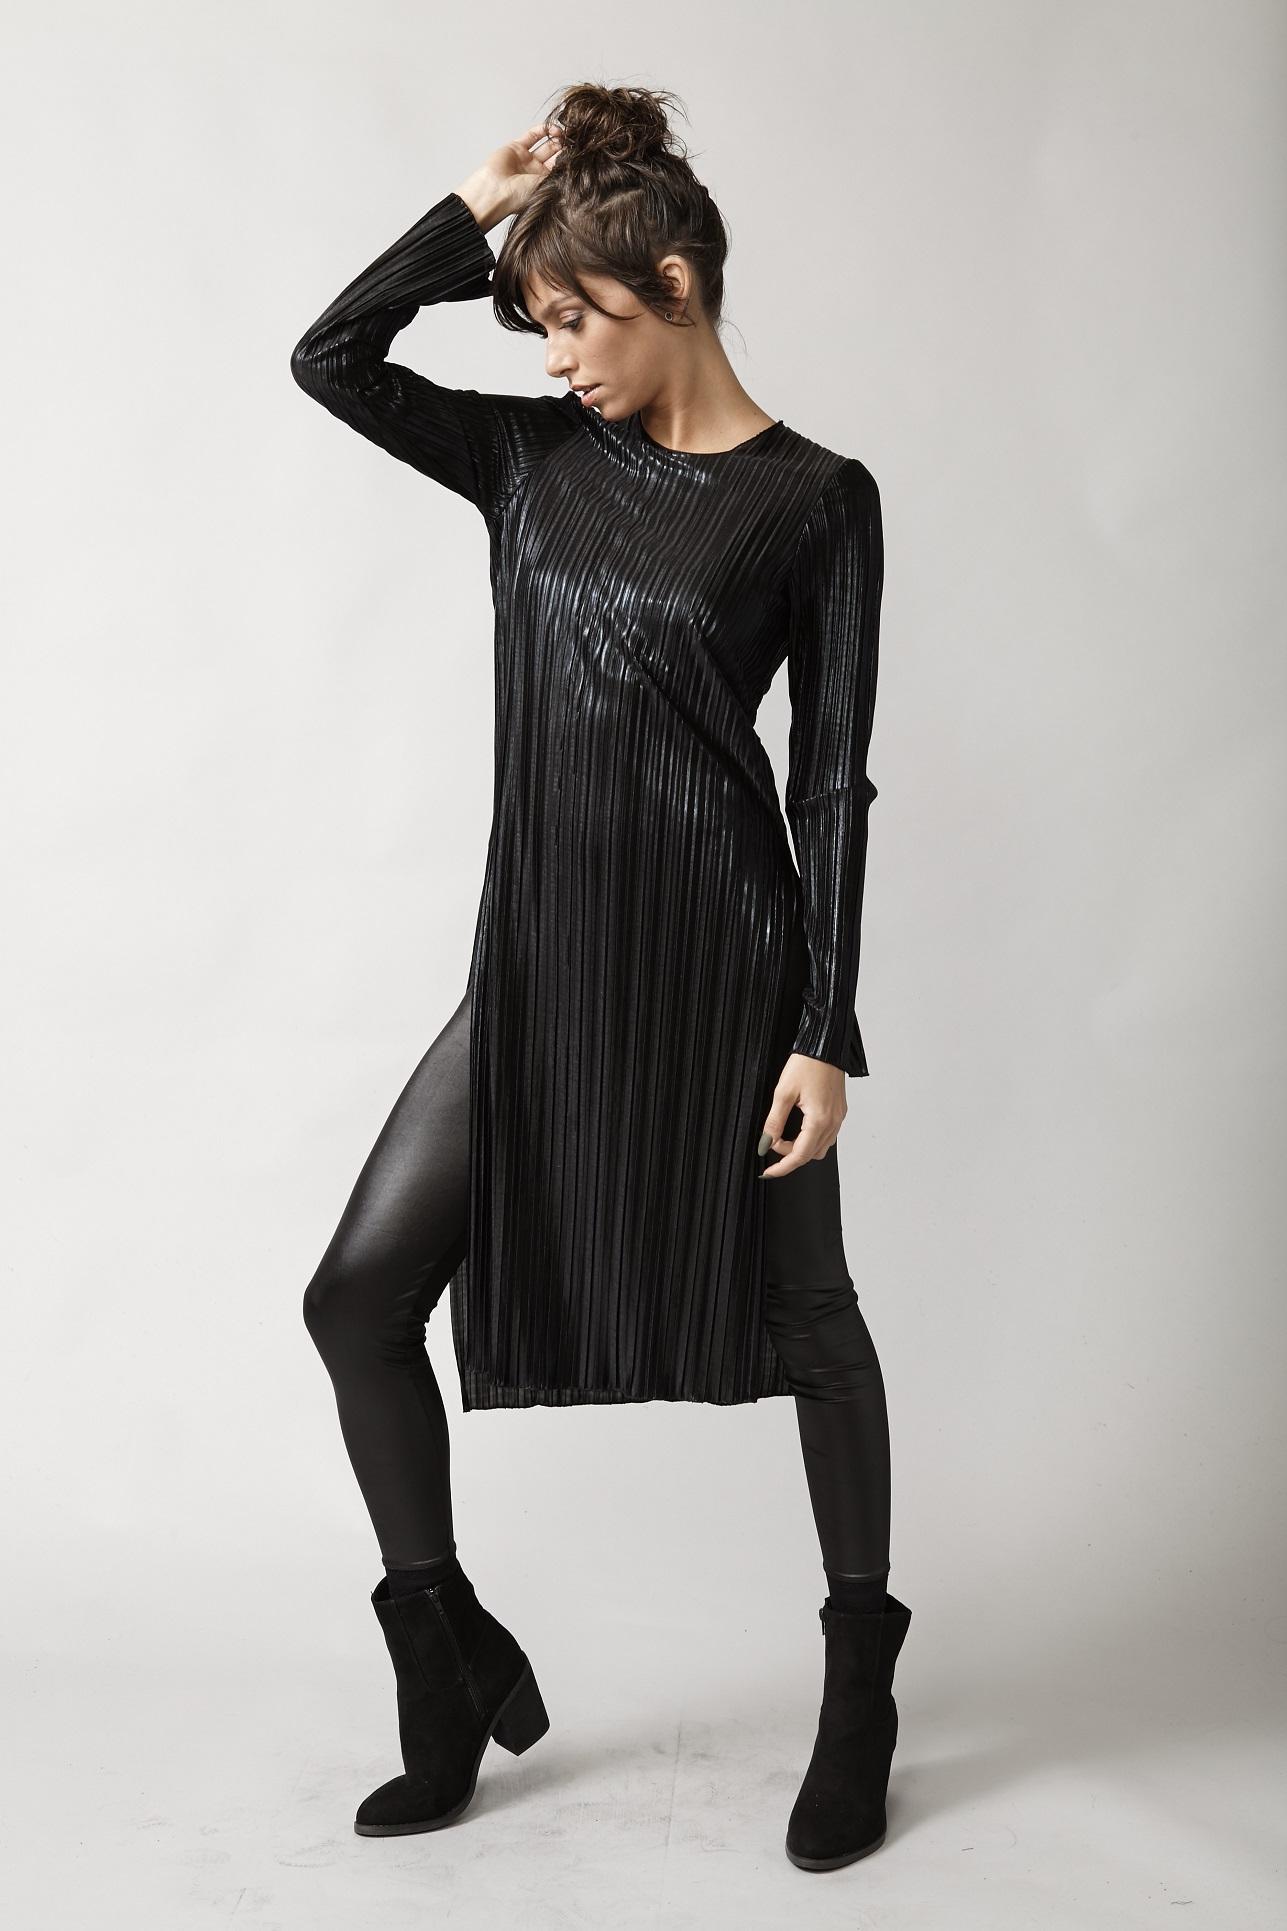 פרופיל חולצה שחורה ארוכה פליסה 99שח במקום 229שח צילום שי קדם